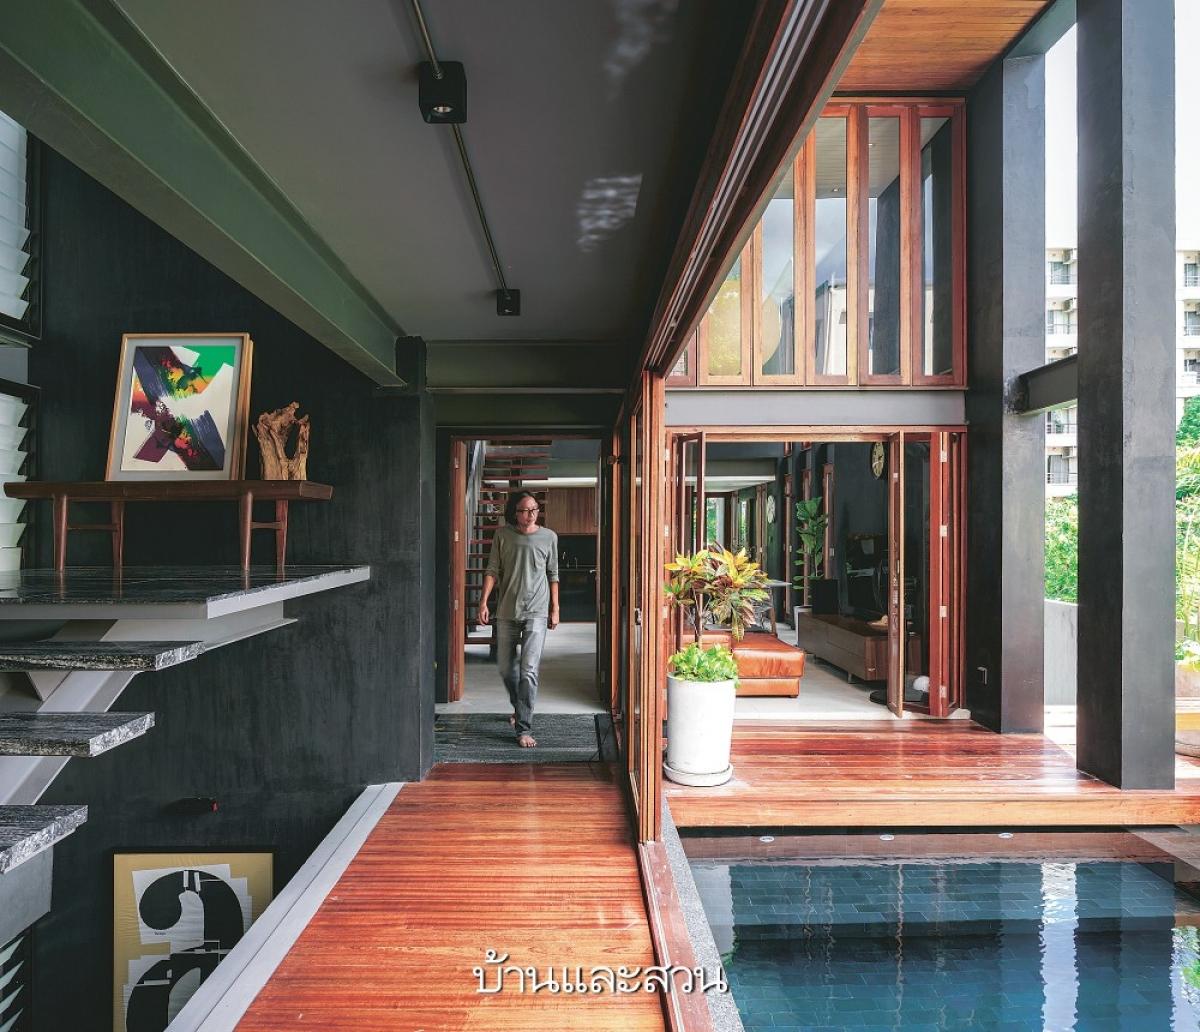 Men đen kết hợp hài hòa với màu gỗ, một chút sắc vị của đồ dùng trang trí tạo nên một căn nhà thẩm mỹ, nghệ thuật.